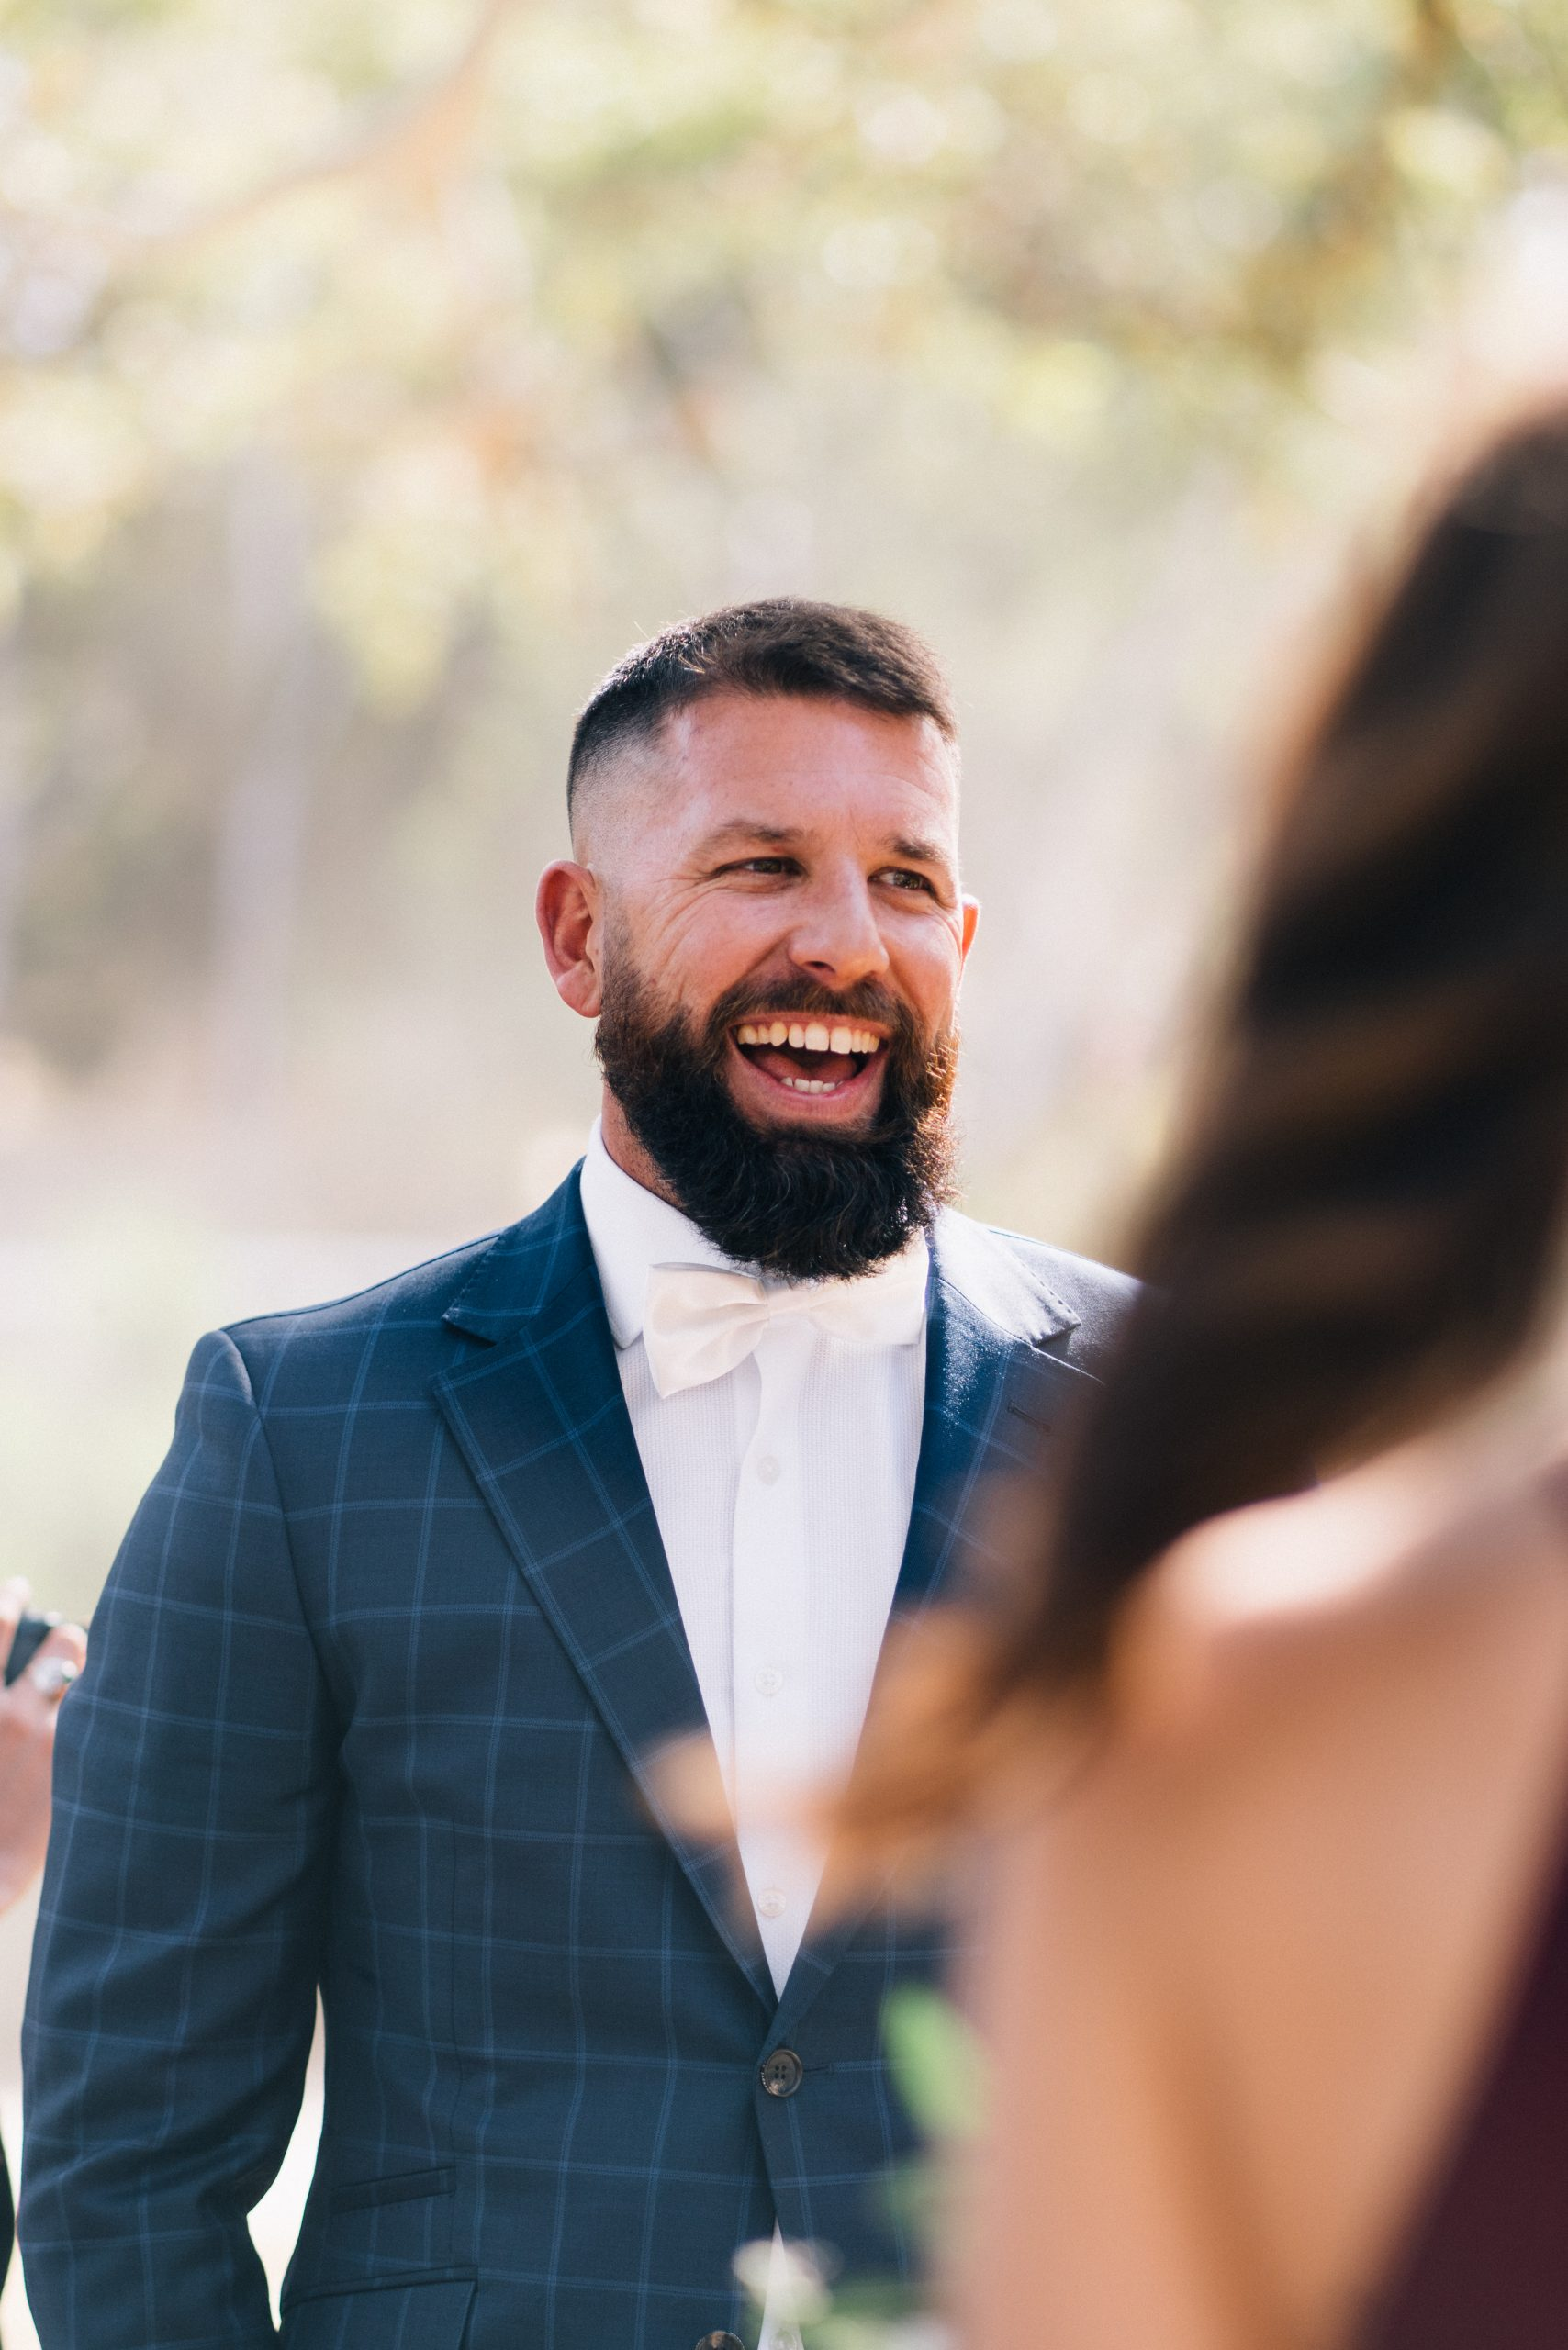 groom laughing